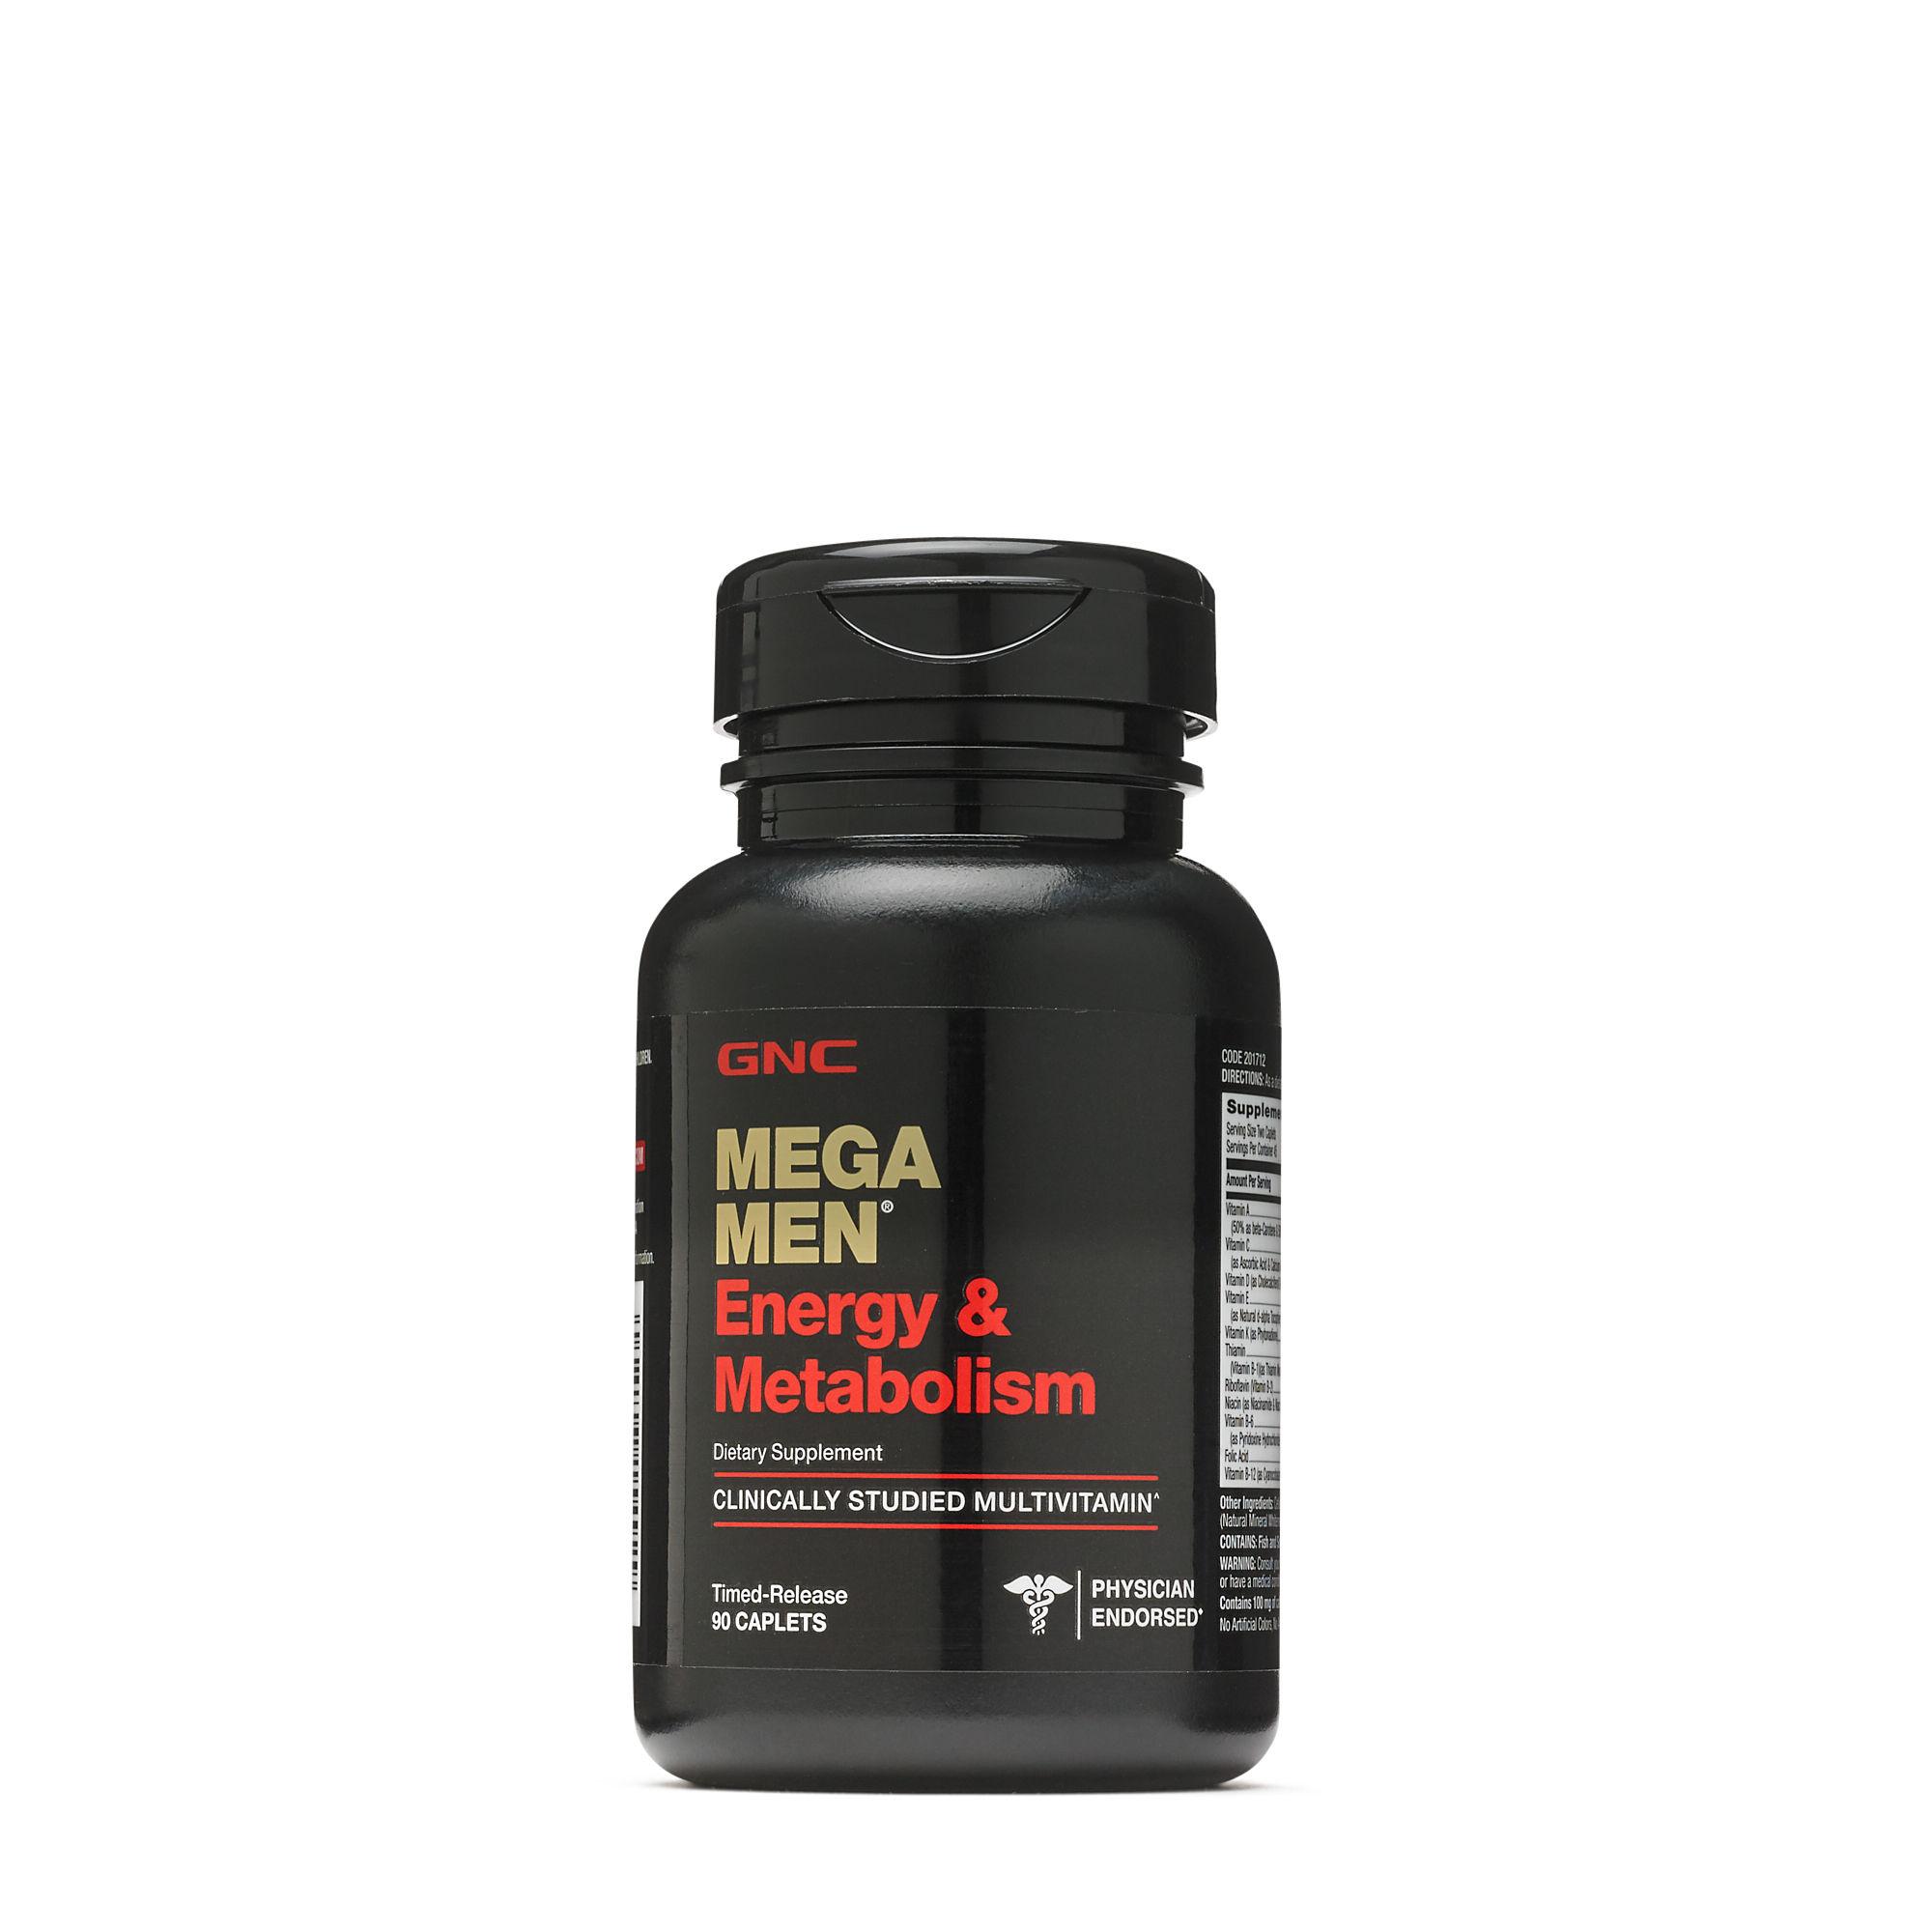 Image of a bottle of GNC Mega Men